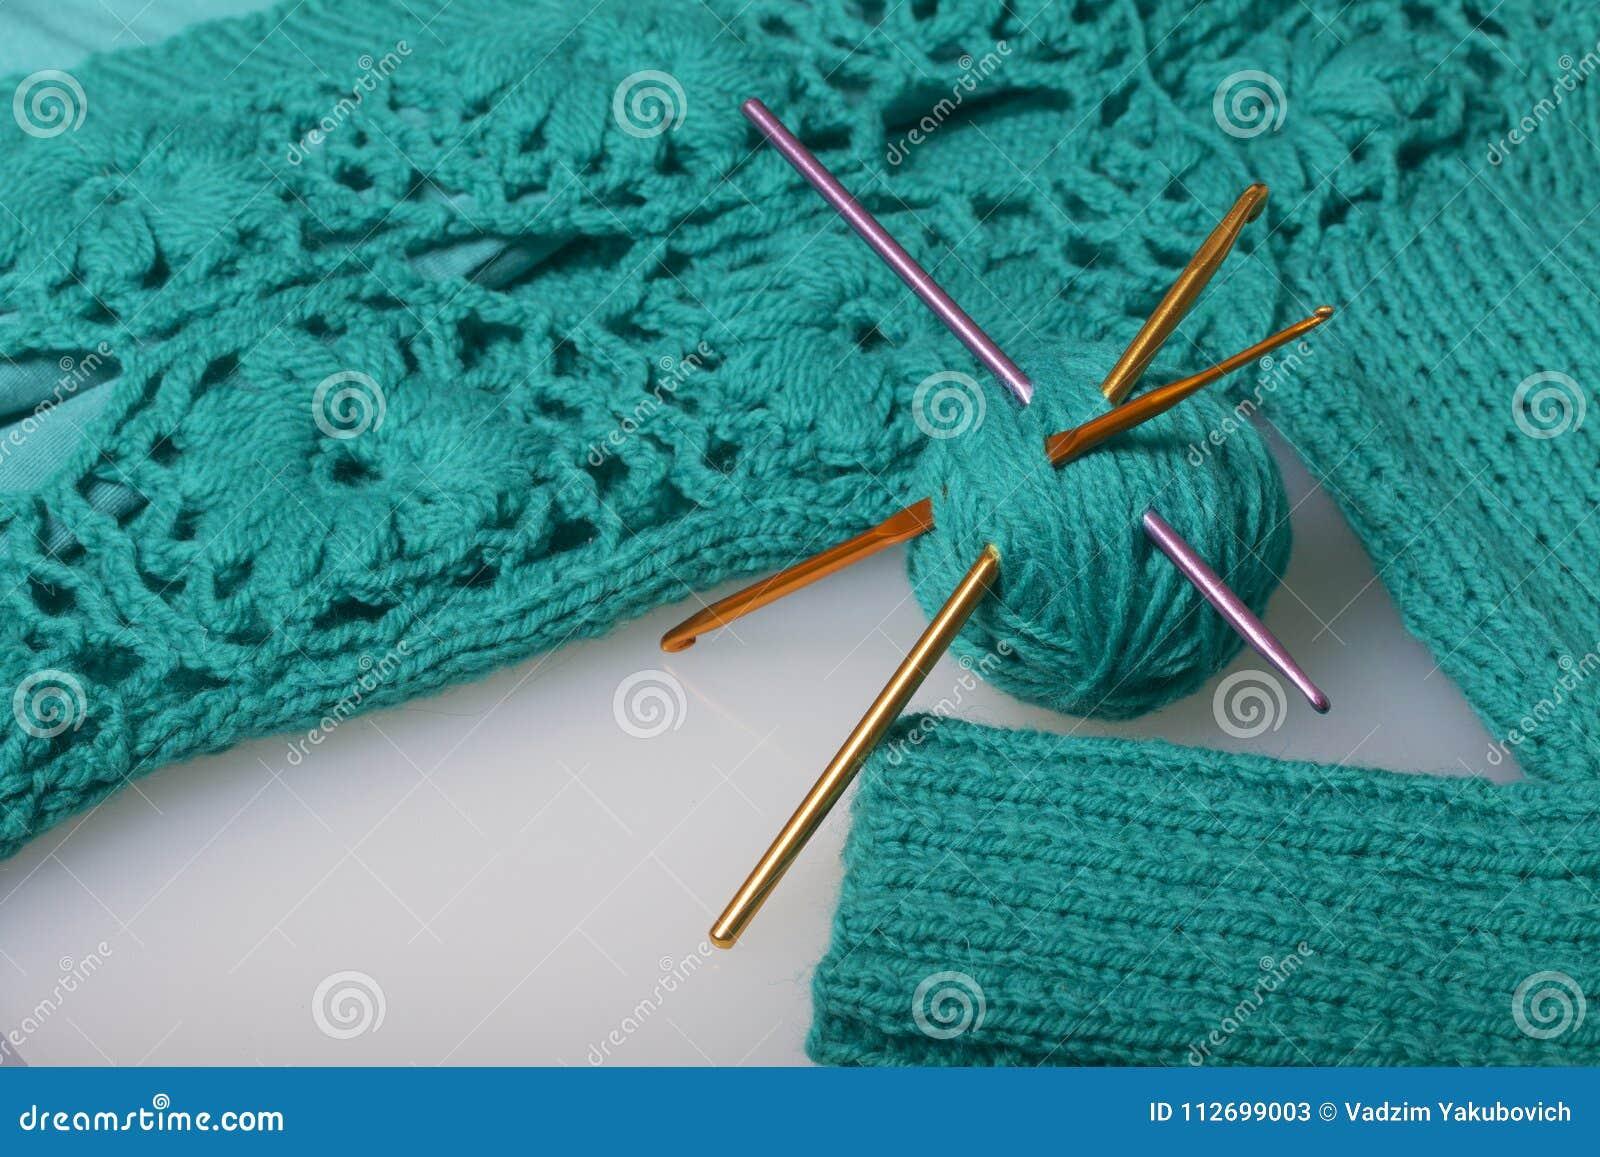 Rader av tråden för att sticka smaragden färgar och krokar för att sticka Lögn på en klar stucken produkt